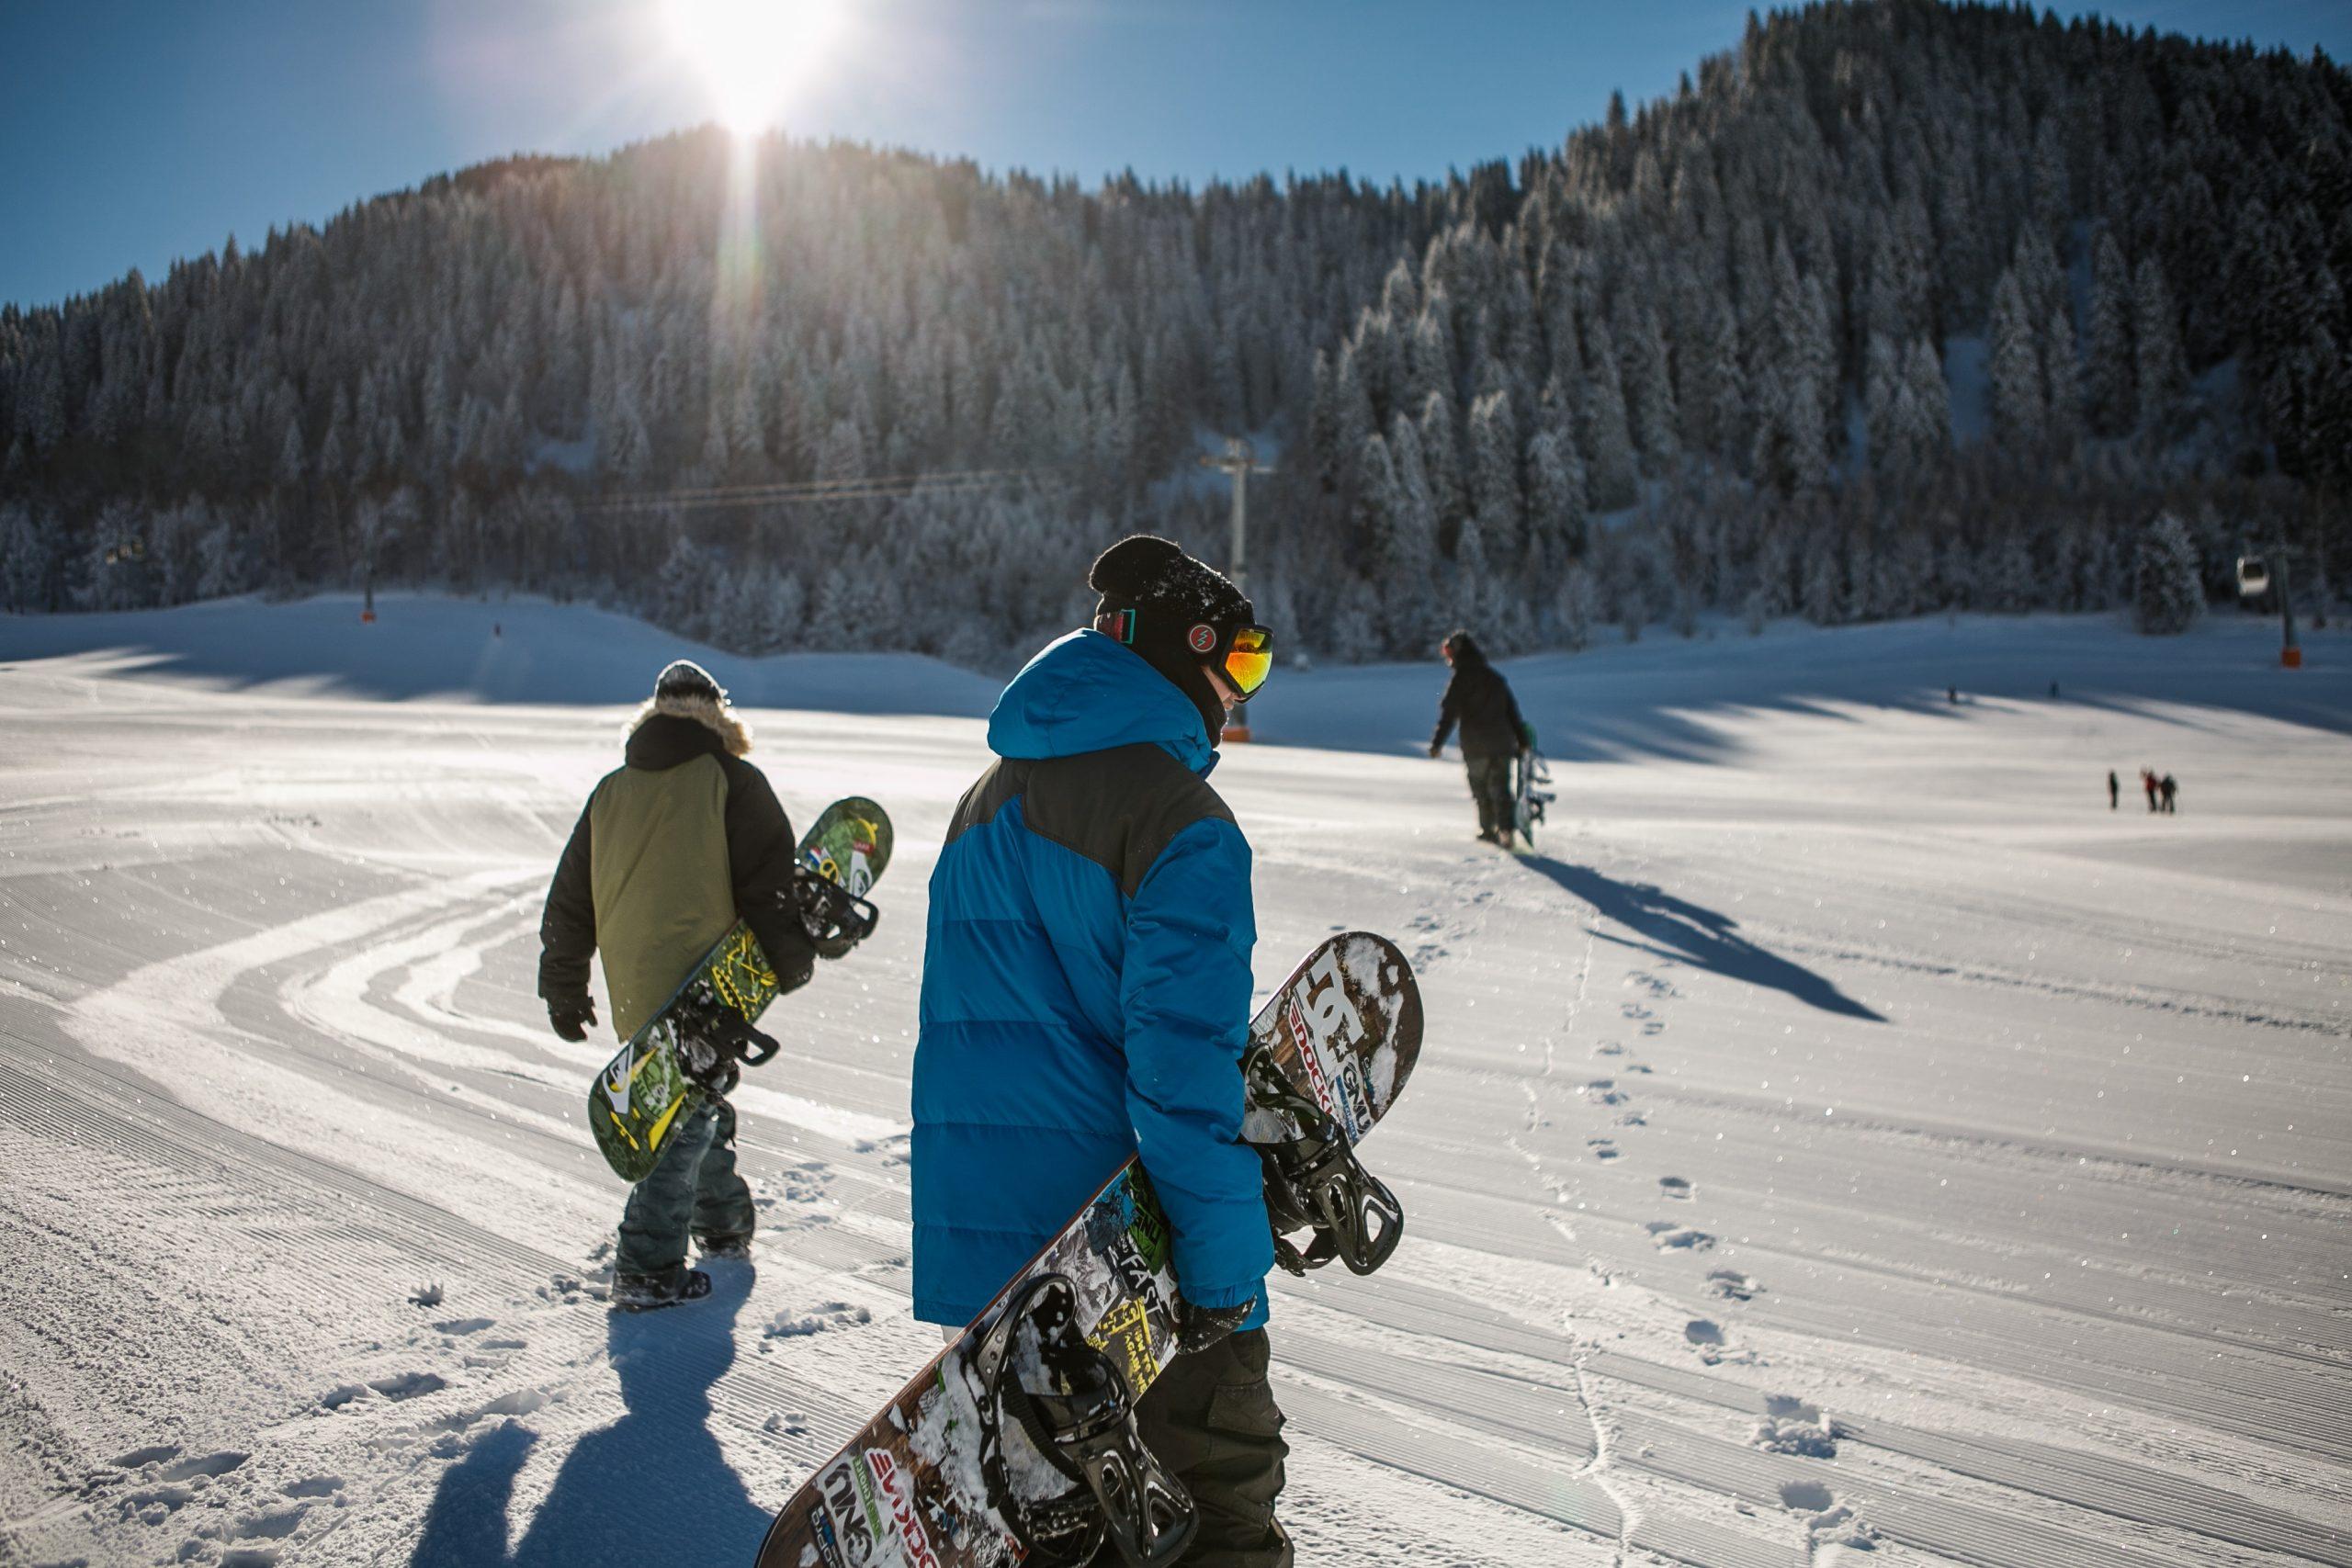 Ski e Snowboard na Áustria: Turismo de Esporte com muita neve!